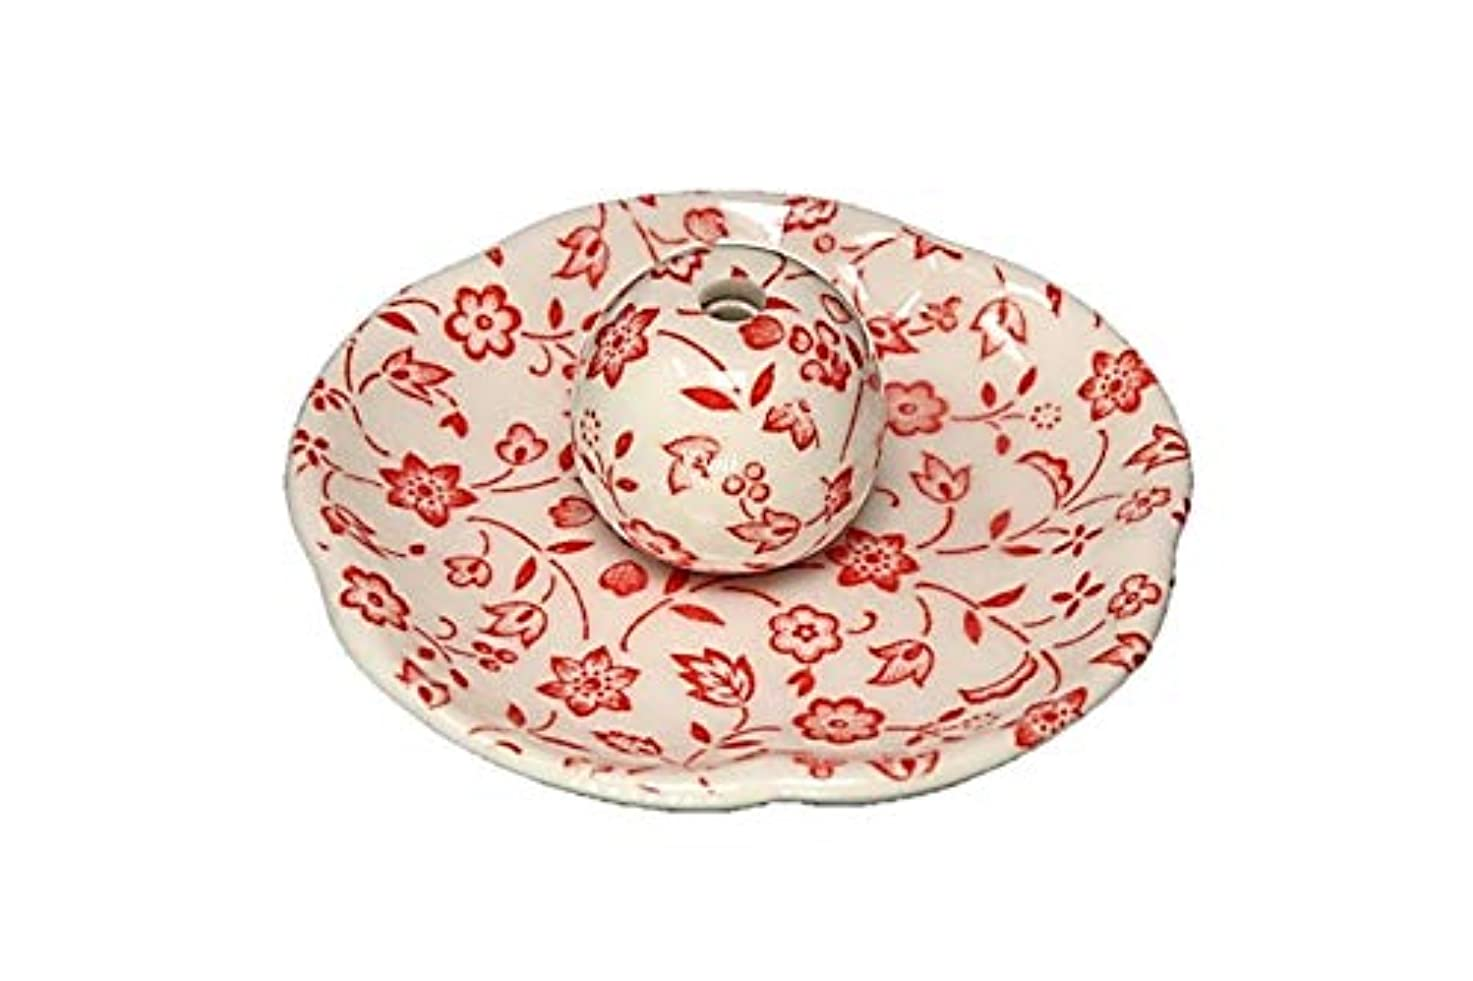 騒素晴らしさ秀でる赤小花 花形香皿 お香立て お香たて 日本製 ACSWEBSHOPオリジナル